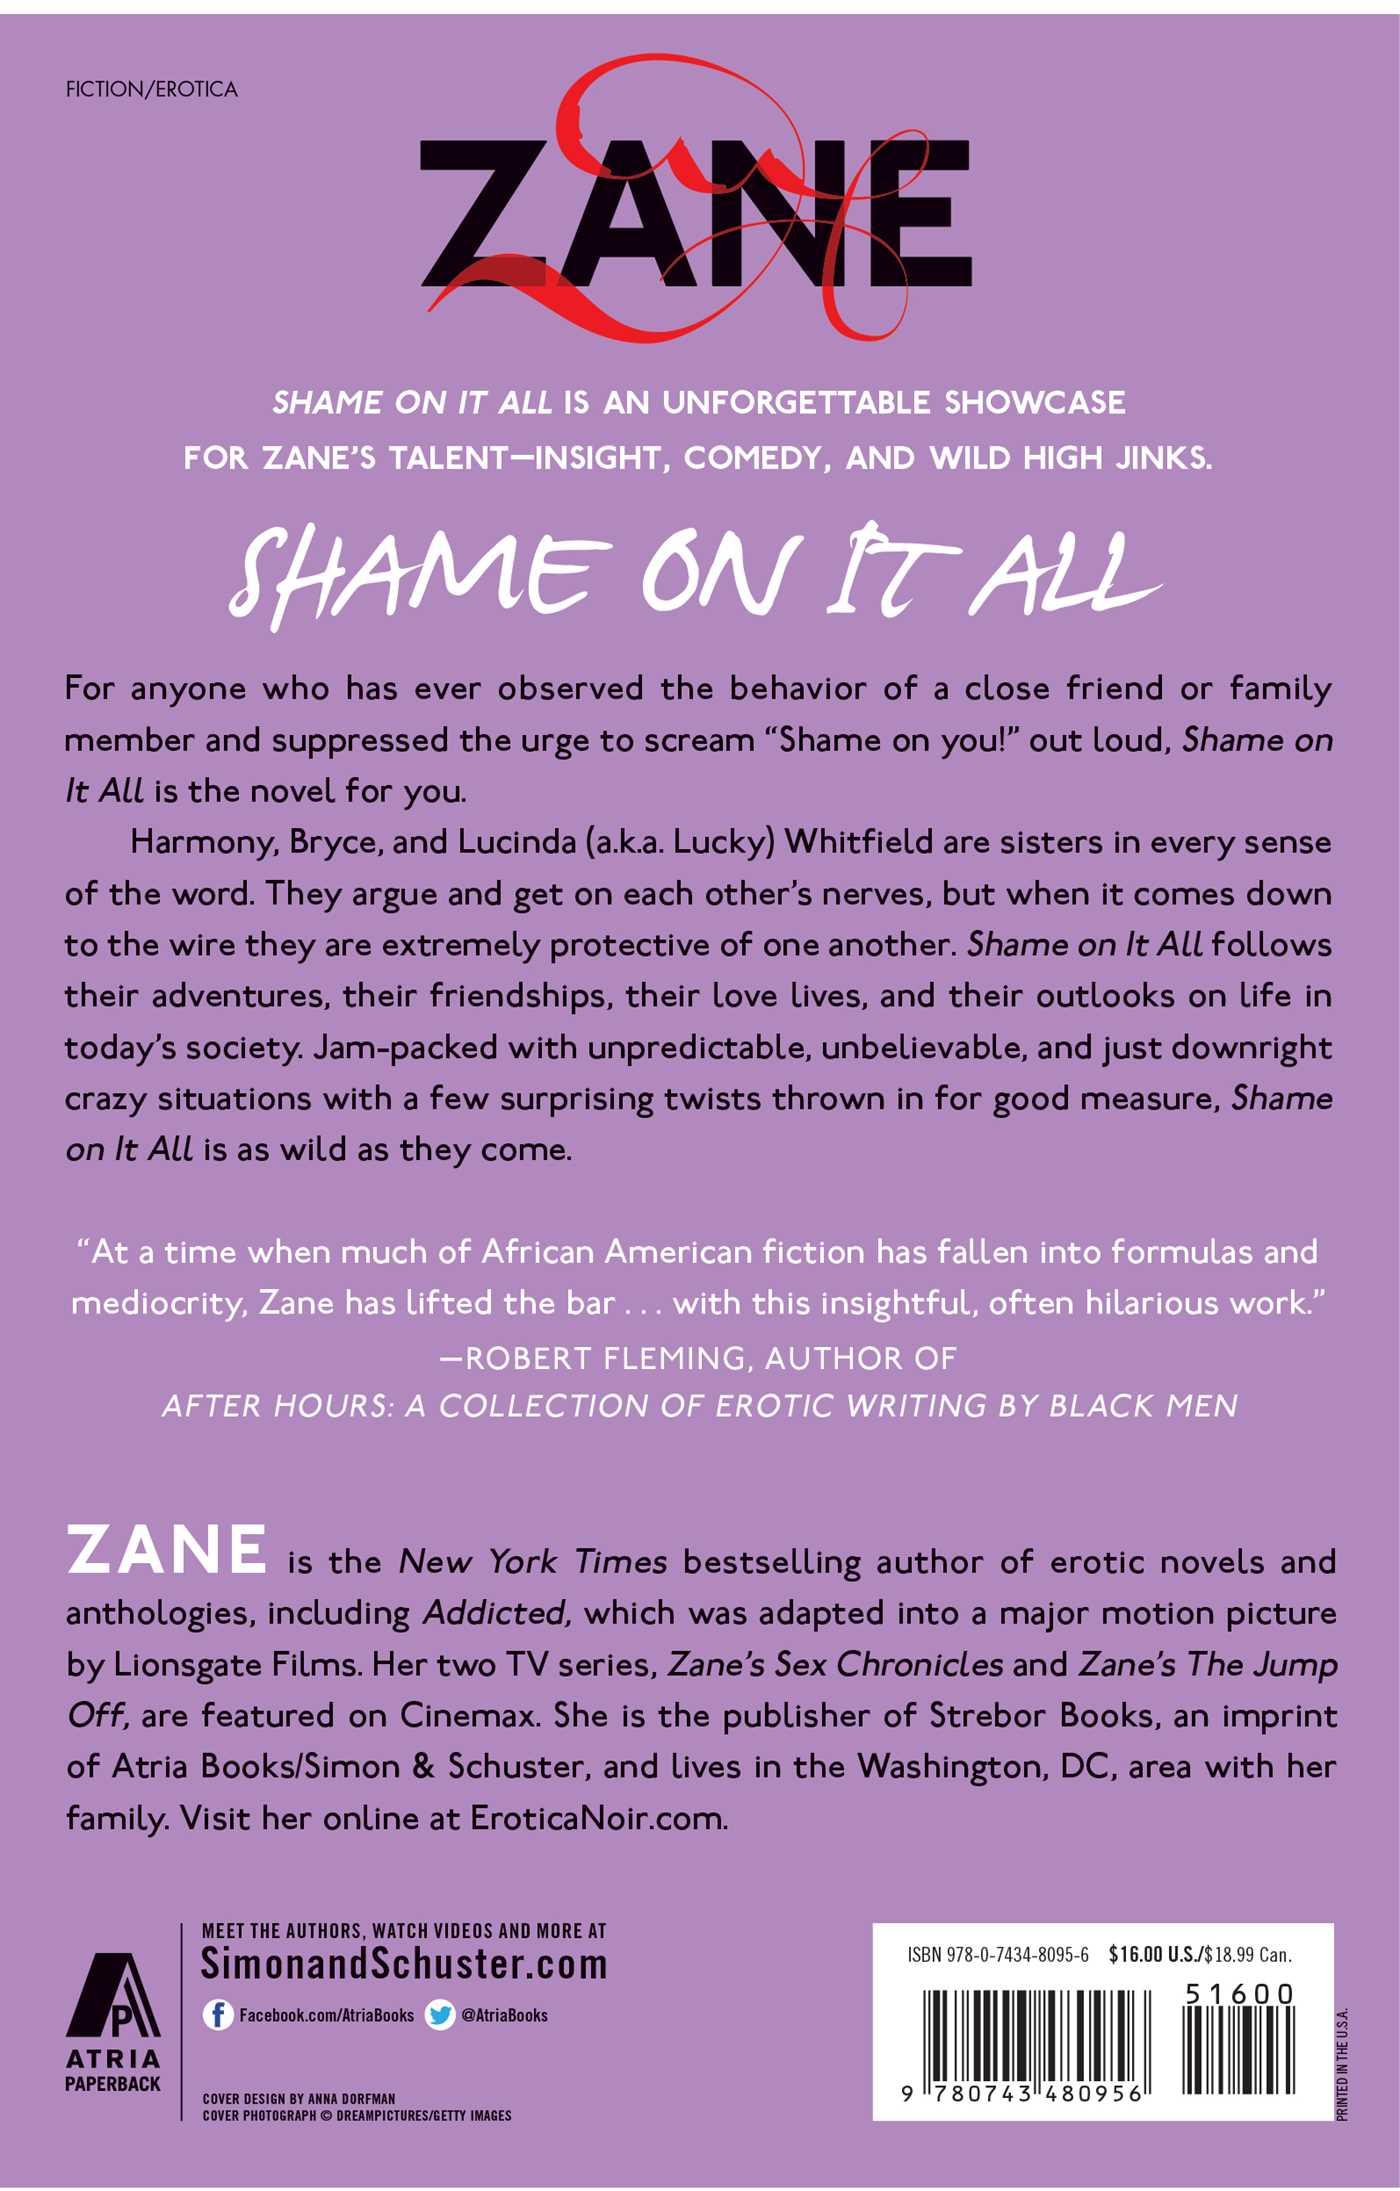 Zanes shame on it all 9780743480956 hr back